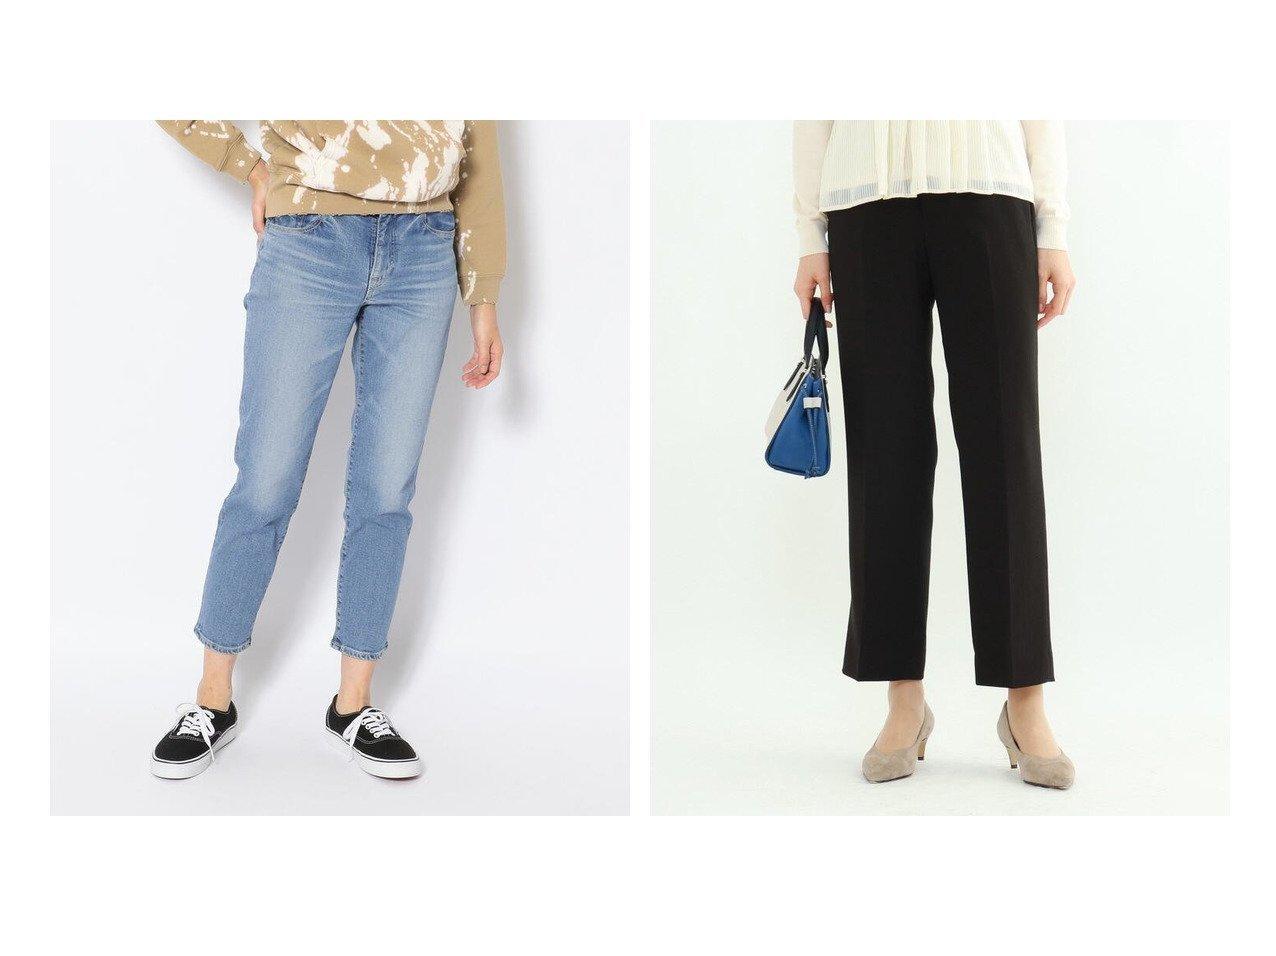 【BEAVER/ビーバー】のD.M.G./ディーエムジー 5Pアンクルスリムストレッチデニムパンツ&【INDIVI/インディヴィ】のエレコフツイルストレートパンツ パンツのおすすめ!人気、トレンド・レディースファッションの通販  おすすめで人気の流行・トレンド、ファッションの通販商品 メンズファッション・キッズファッション・インテリア・家具・レディースファッション・服の通販 founy(ファニー) https://founy.com/ ファッション Fashion レディースファッション WOMEN パンツ Pants デニムパンツ Denim Pants スーツ Suits スーツパンツ Pantsuit シンプル テーパード デニム ベーシック ミリタリー メンズ ワーク ストレッチ ストレート スーツ セットアップ フォーマル ポケット 再入荷 Restock/Back in Stock/Re Arrival 吸水 |ID:crp329100000018887